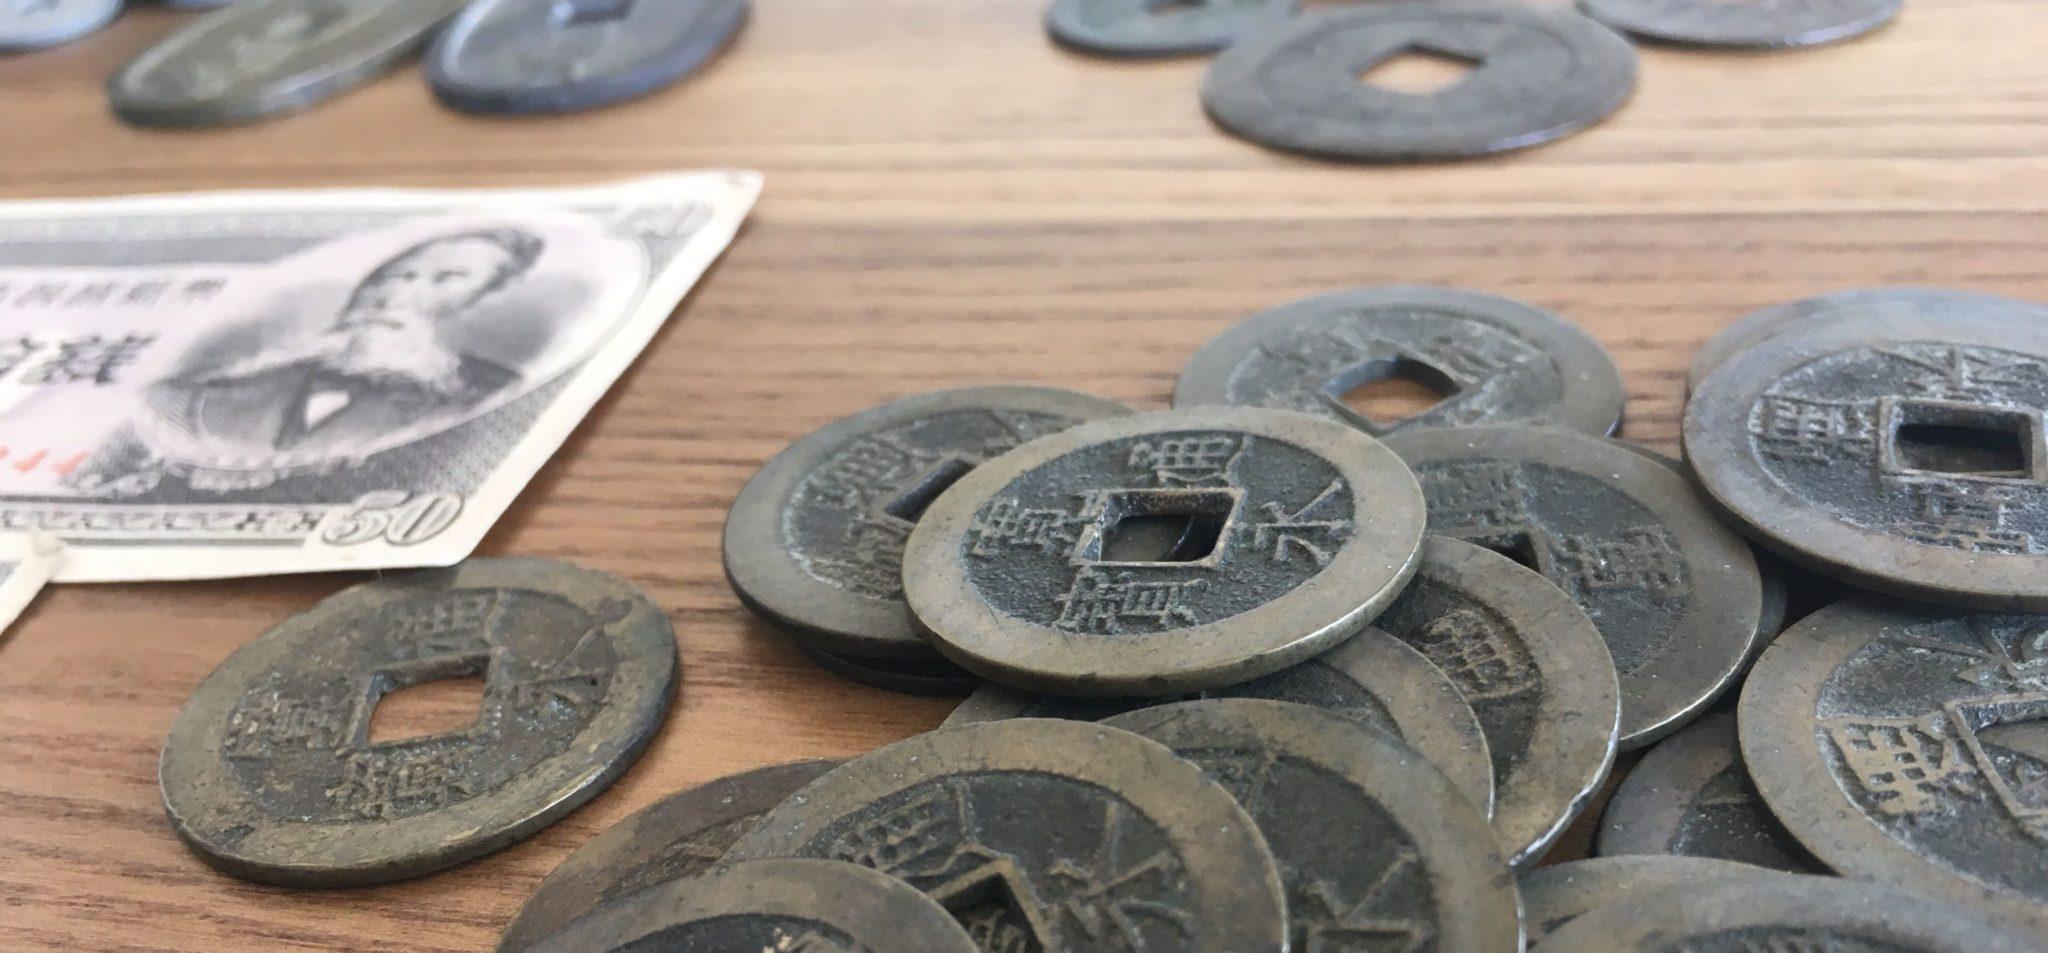 日晃堂に依頼した古銭の画像